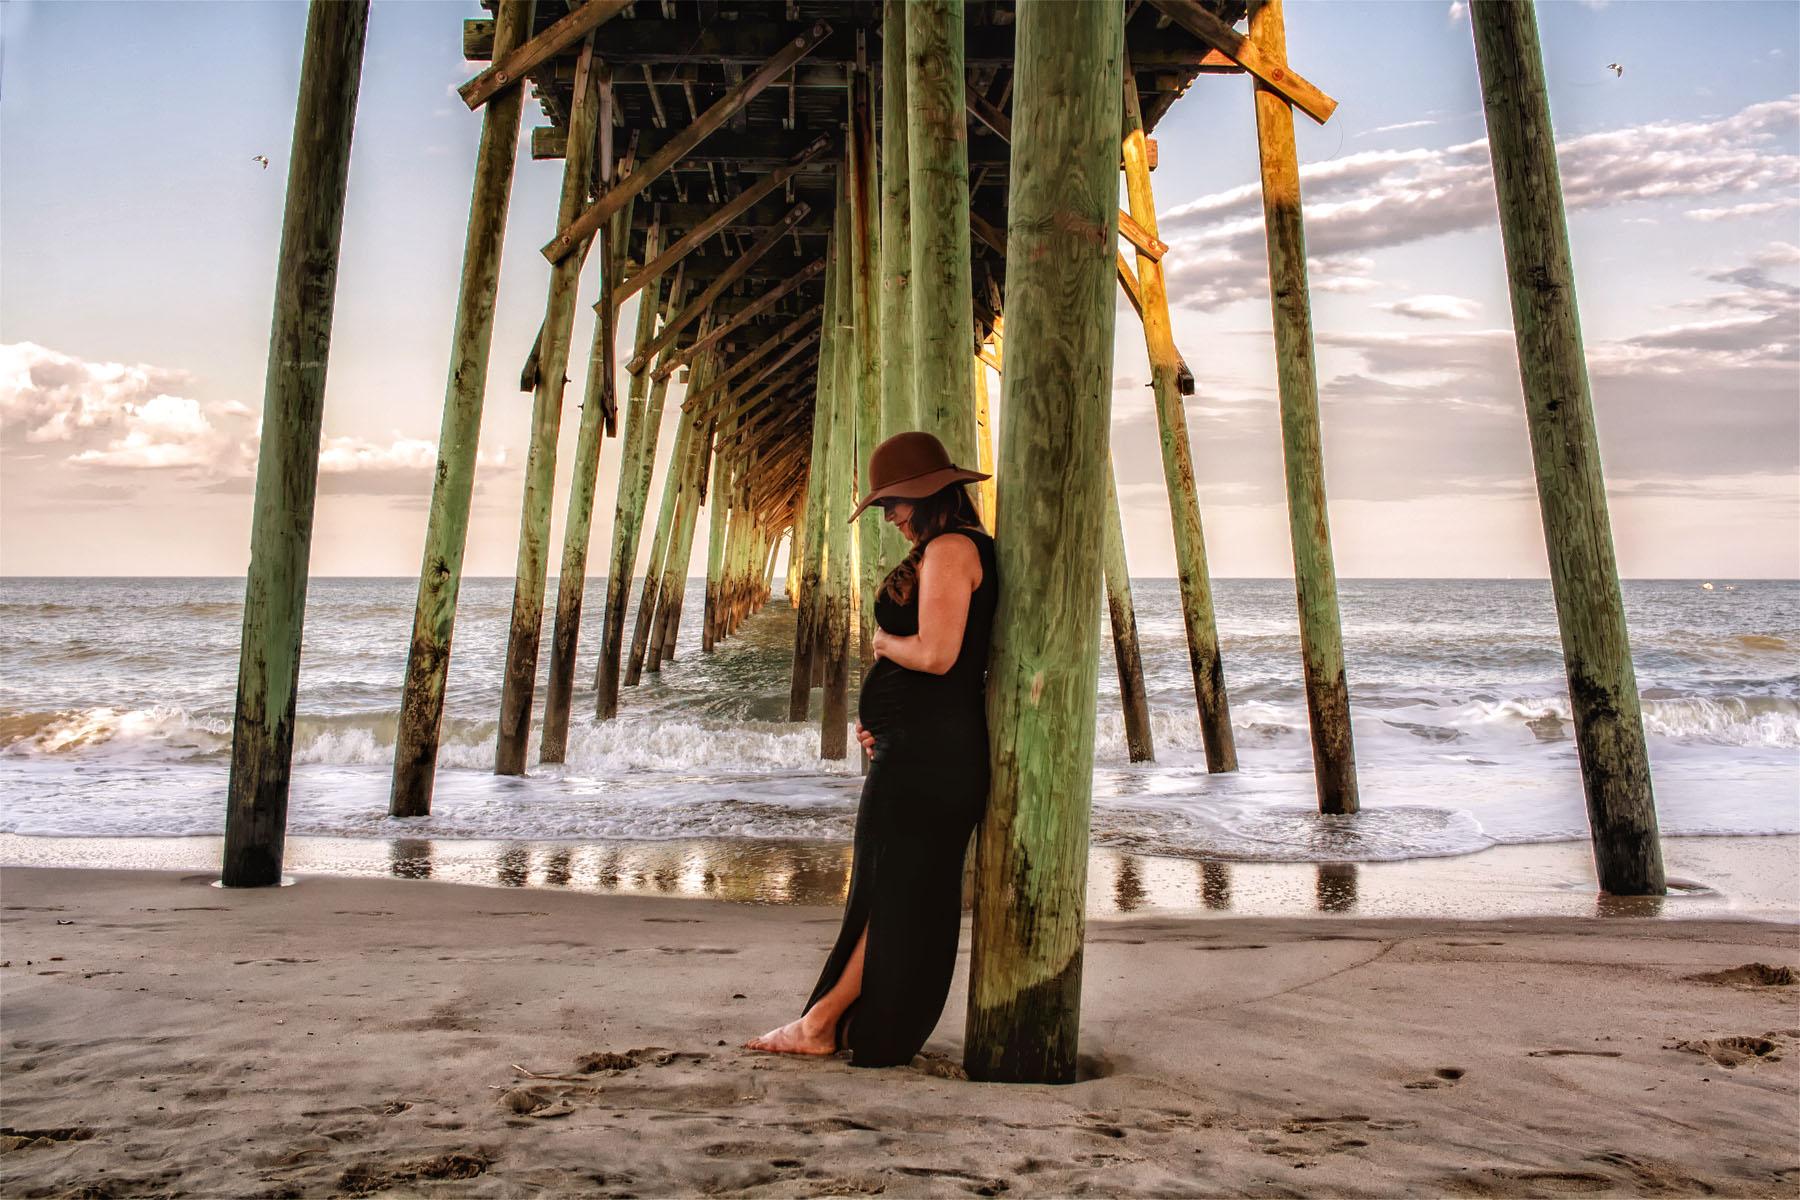 Kure_Beach_Maternity_Shoot_Tiffany_Abruzzo_Photography_4.jpg